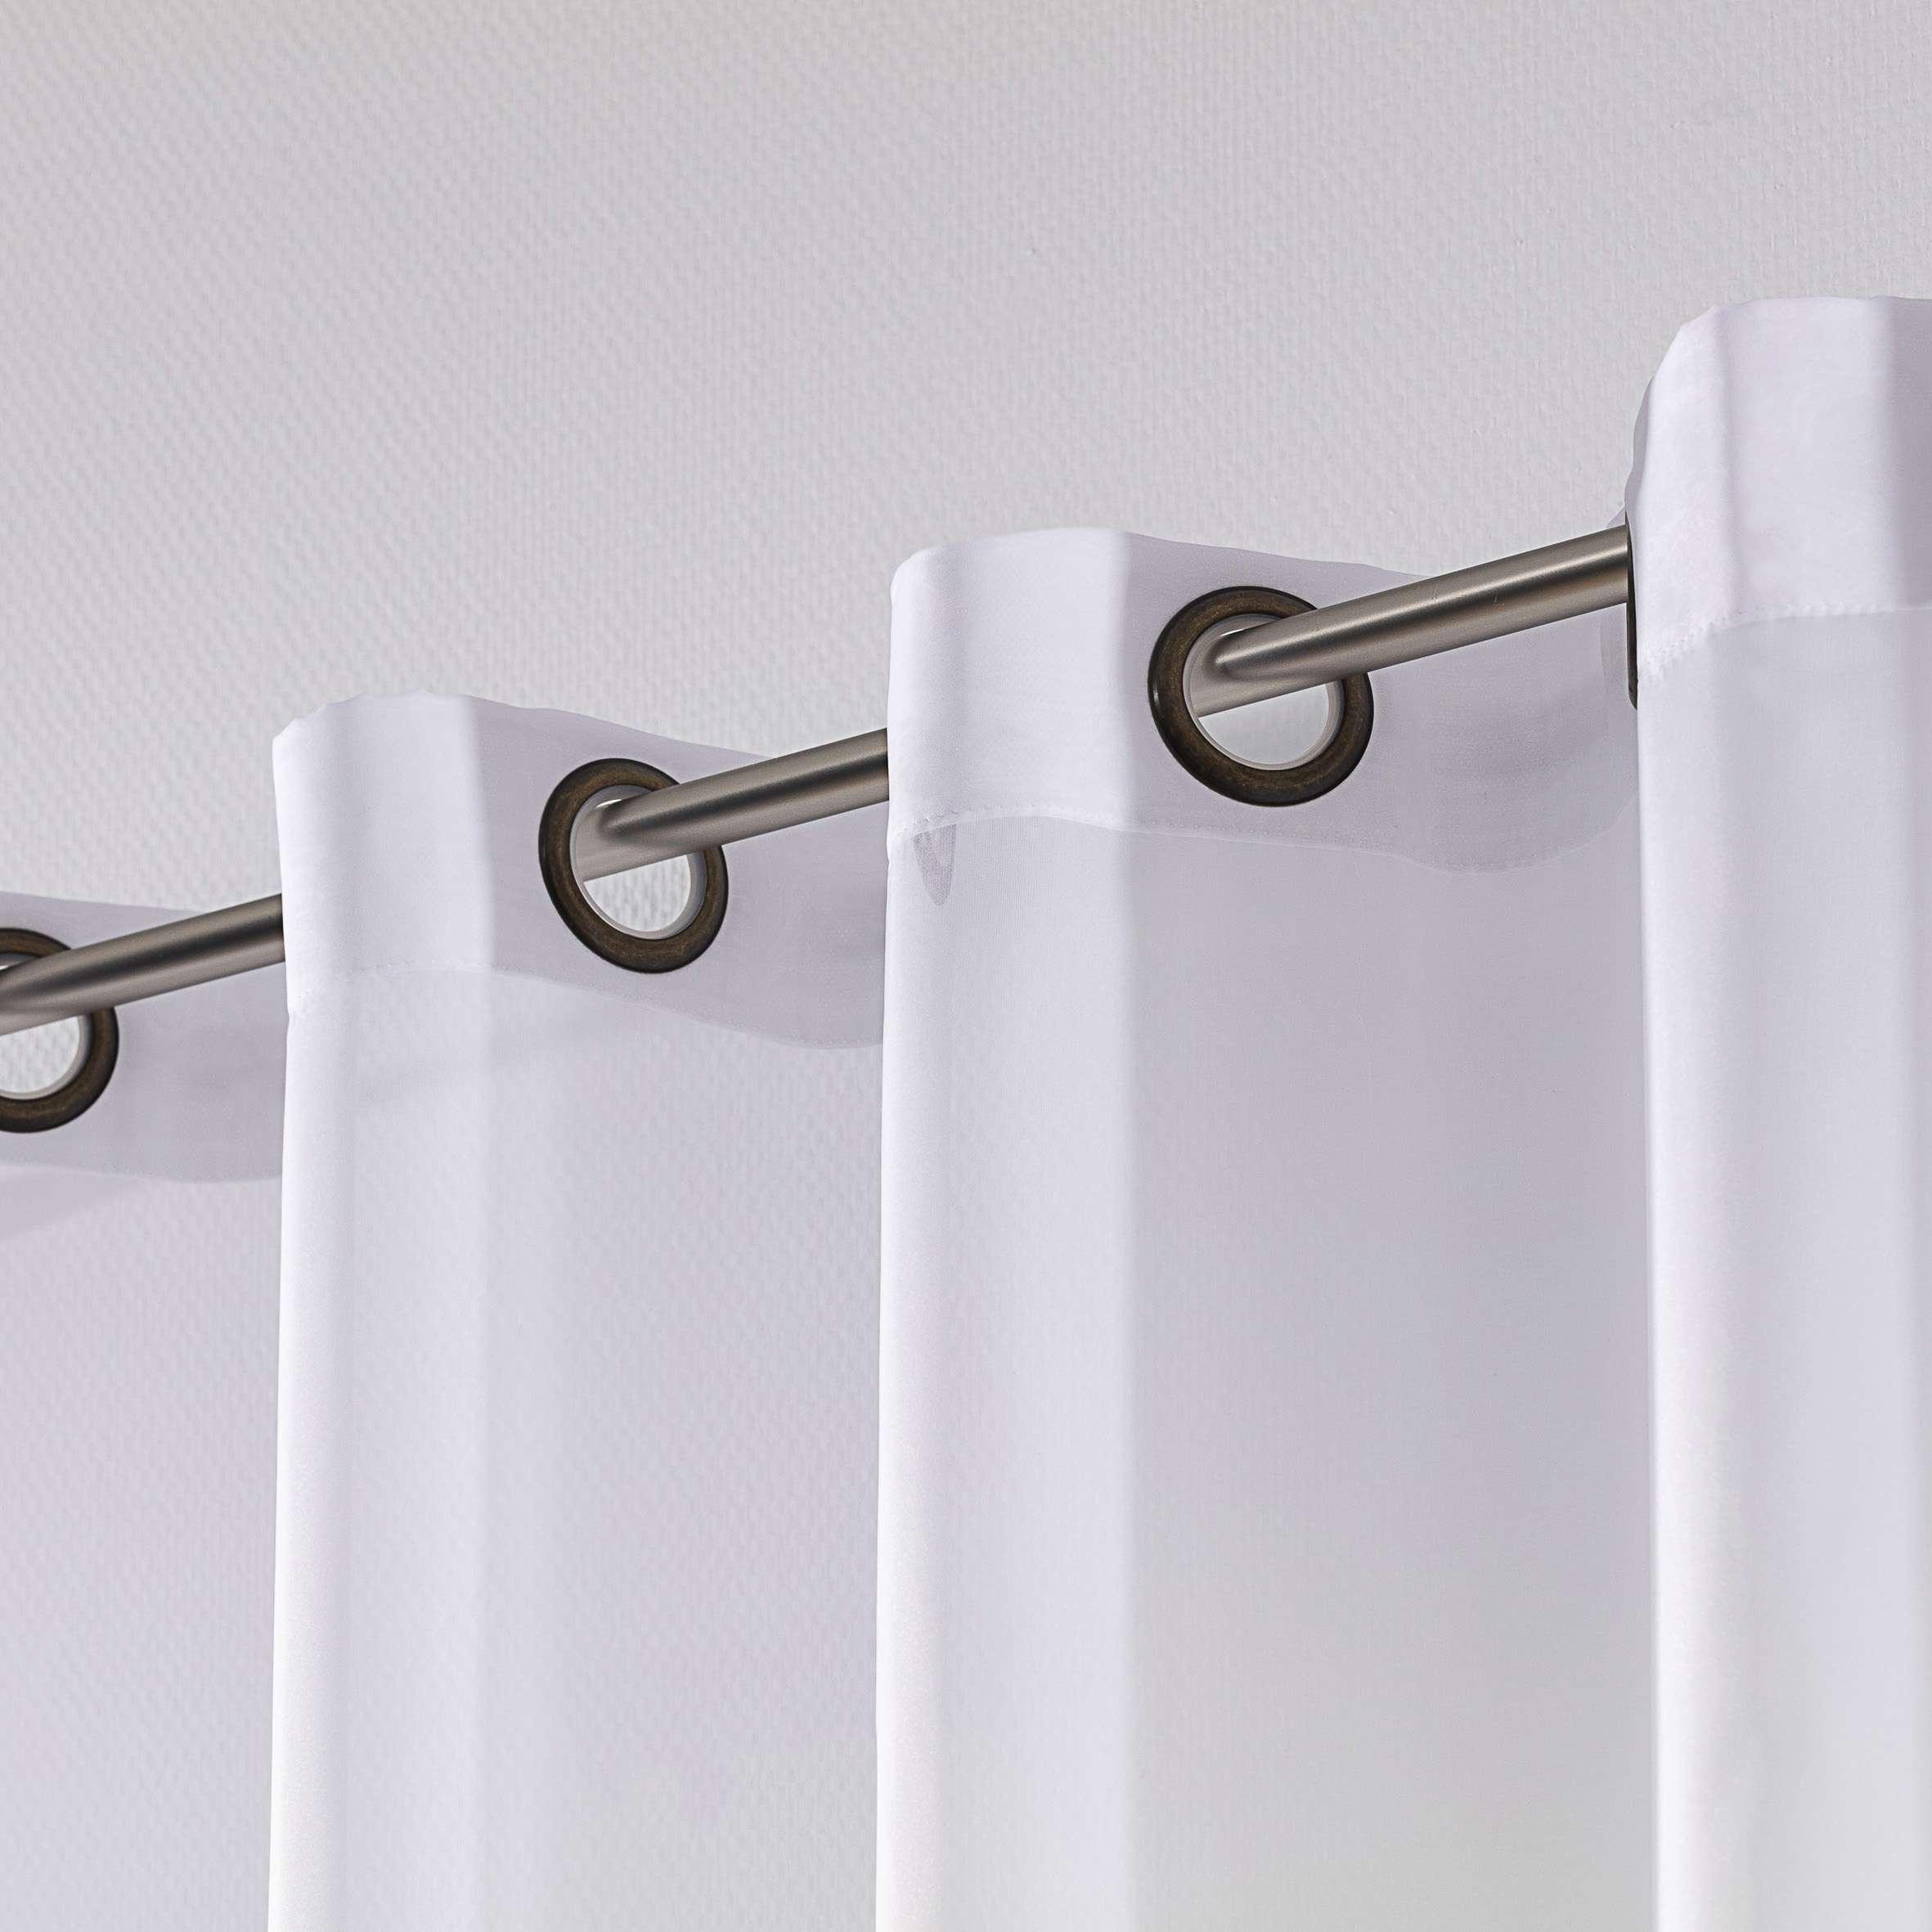 Záclona voálová jednoduchá na kroužcích na míru 300x260cm v kolekci Voile - Voál, látka: 901-00